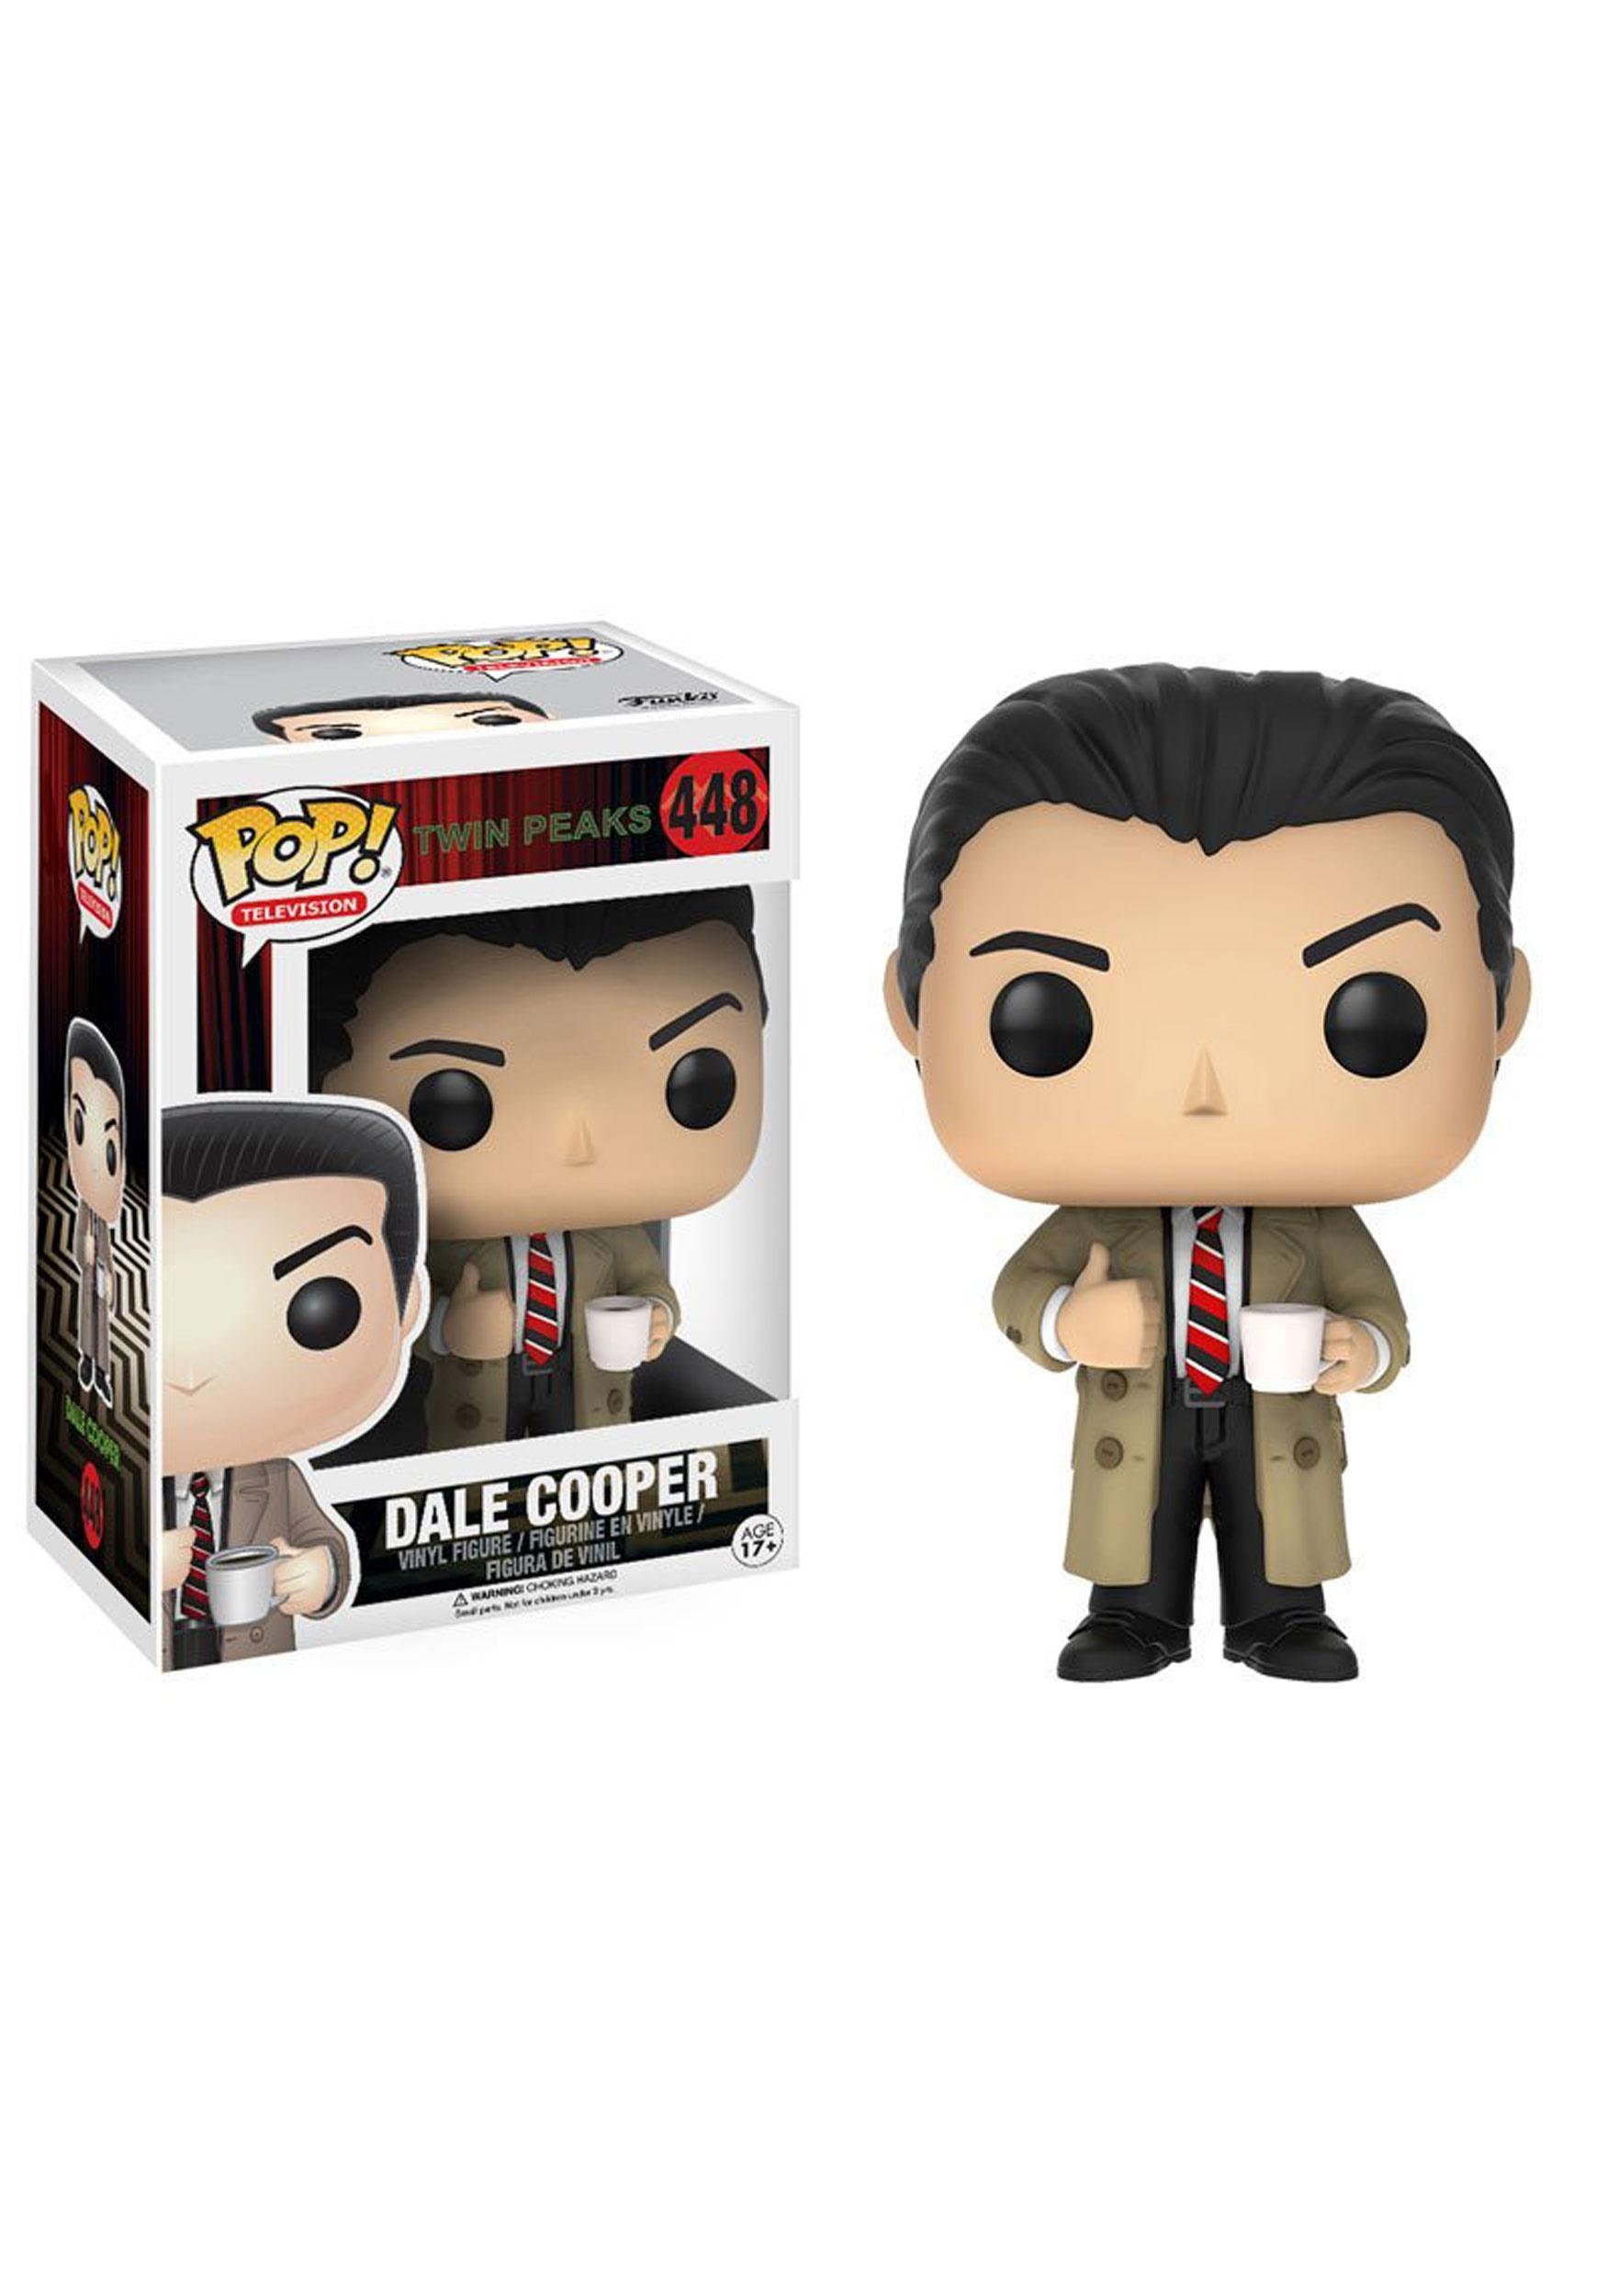 Twin Peaks Agent Cooper POP! Vinyl Figure FN12694